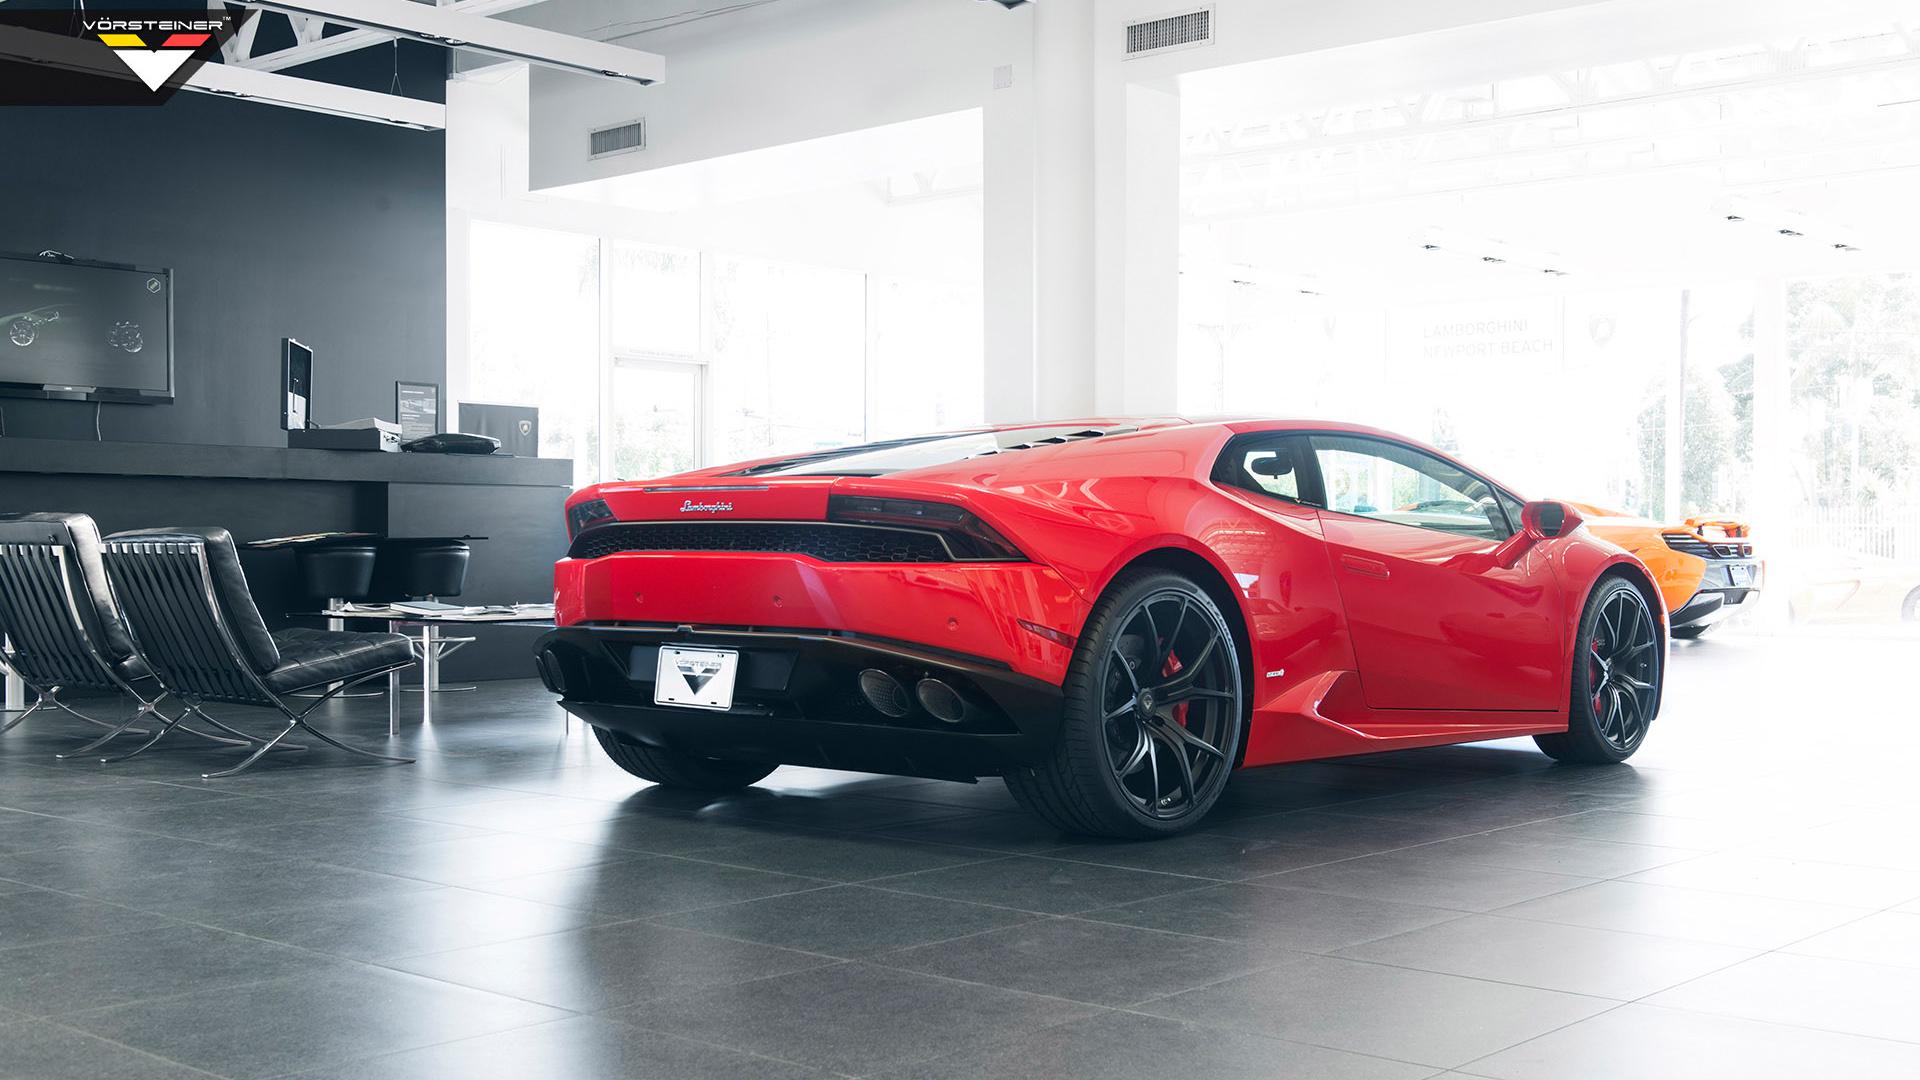 vortsteiner lamborghini huracan lp610 4 2 - Lamborghini Huracan Hd Wallpaper